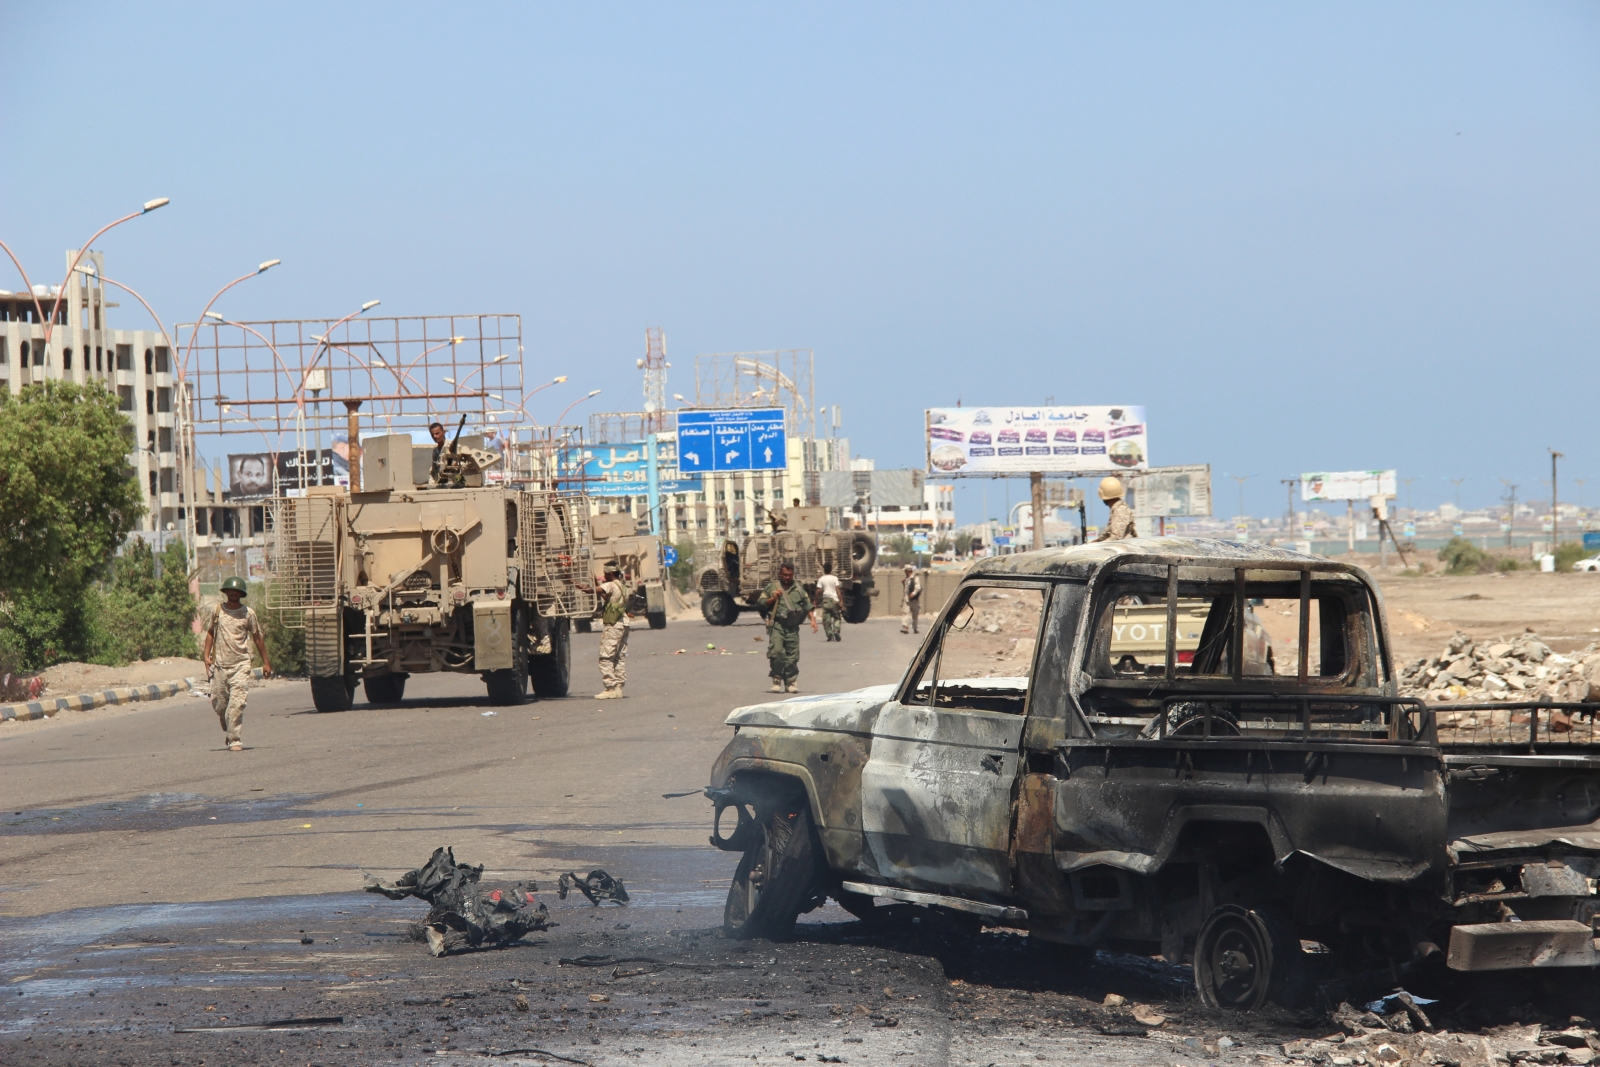 Aden Yemen bomb